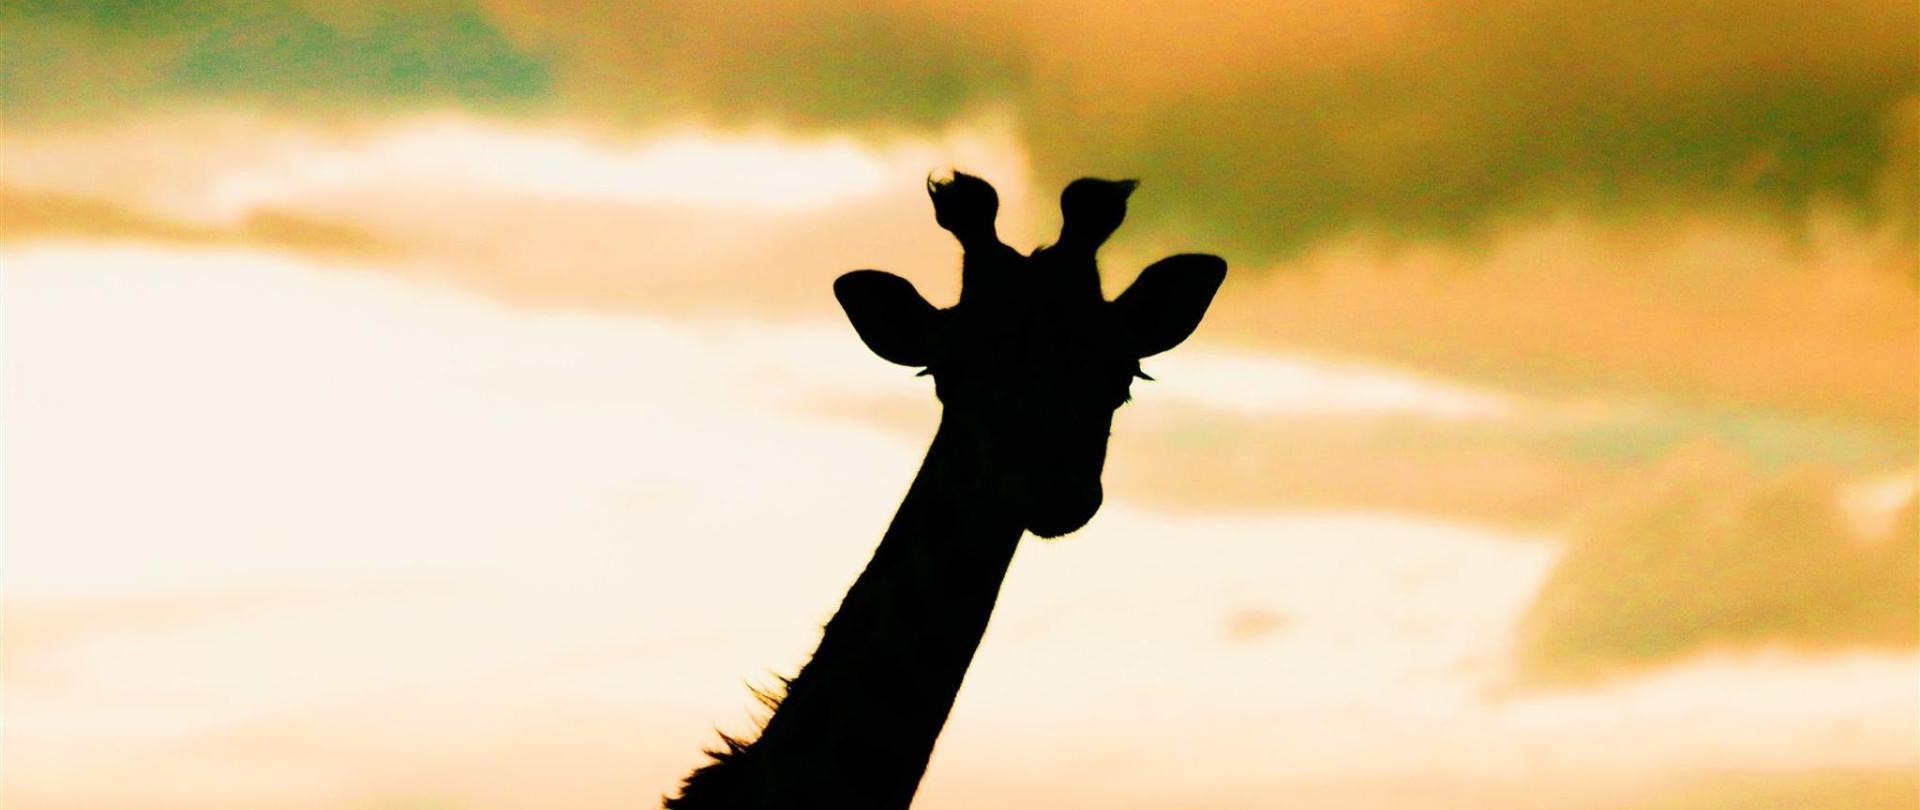 georgie-hennah-giraffe-instagram-aug-17.JPG